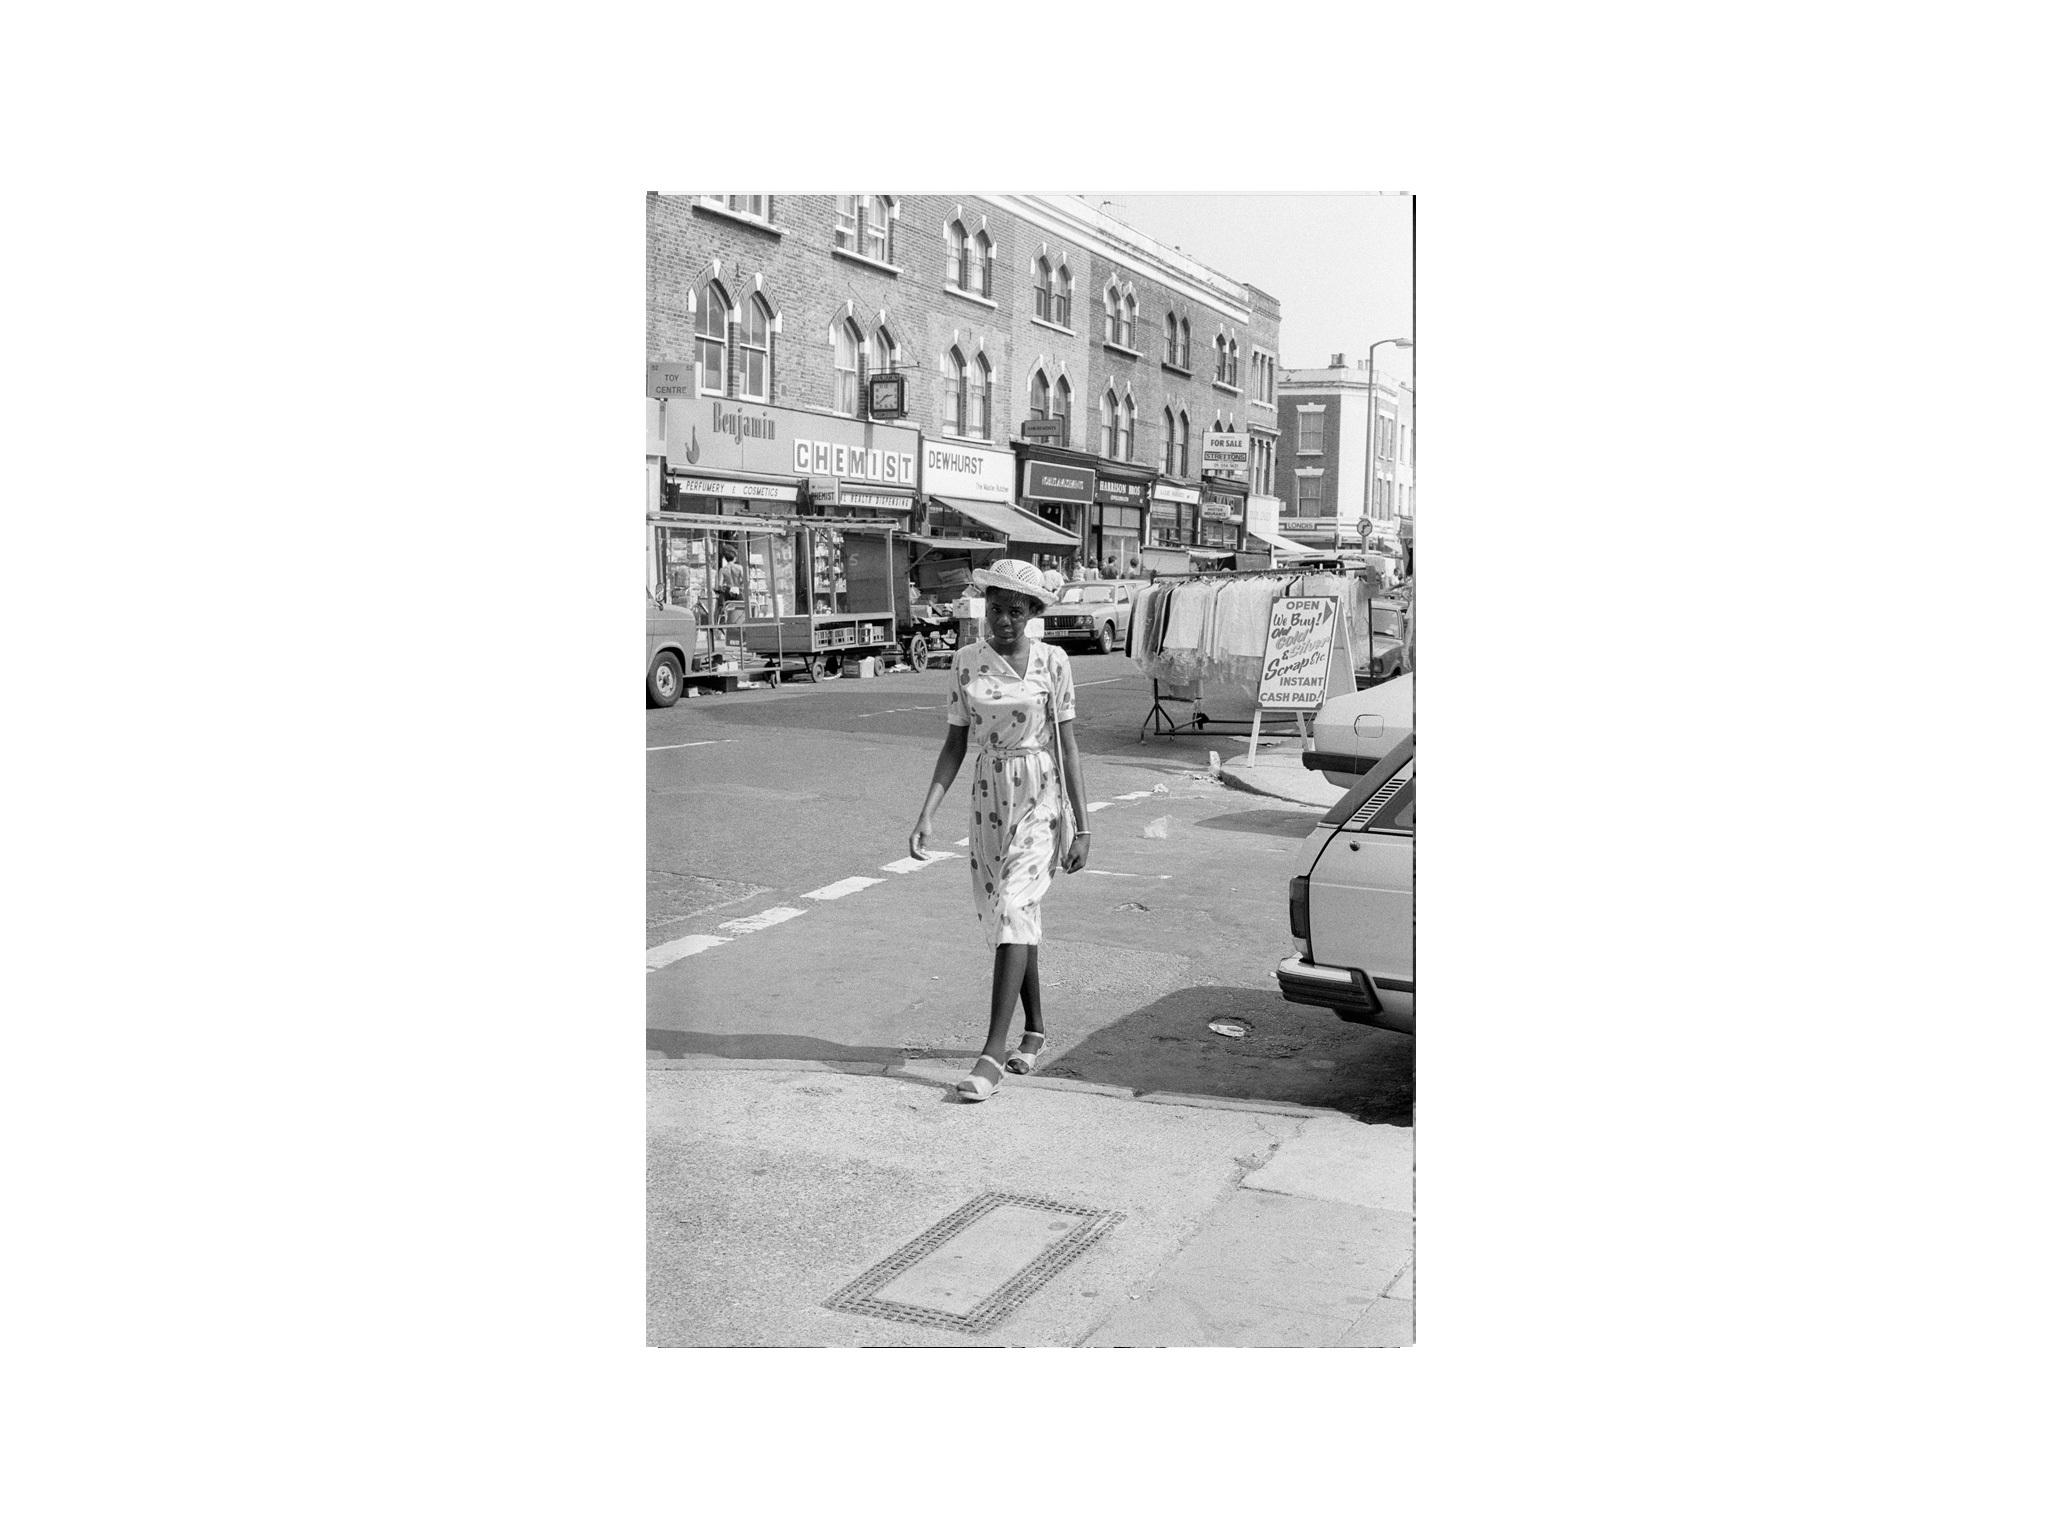 Chatsworth Road, 1986